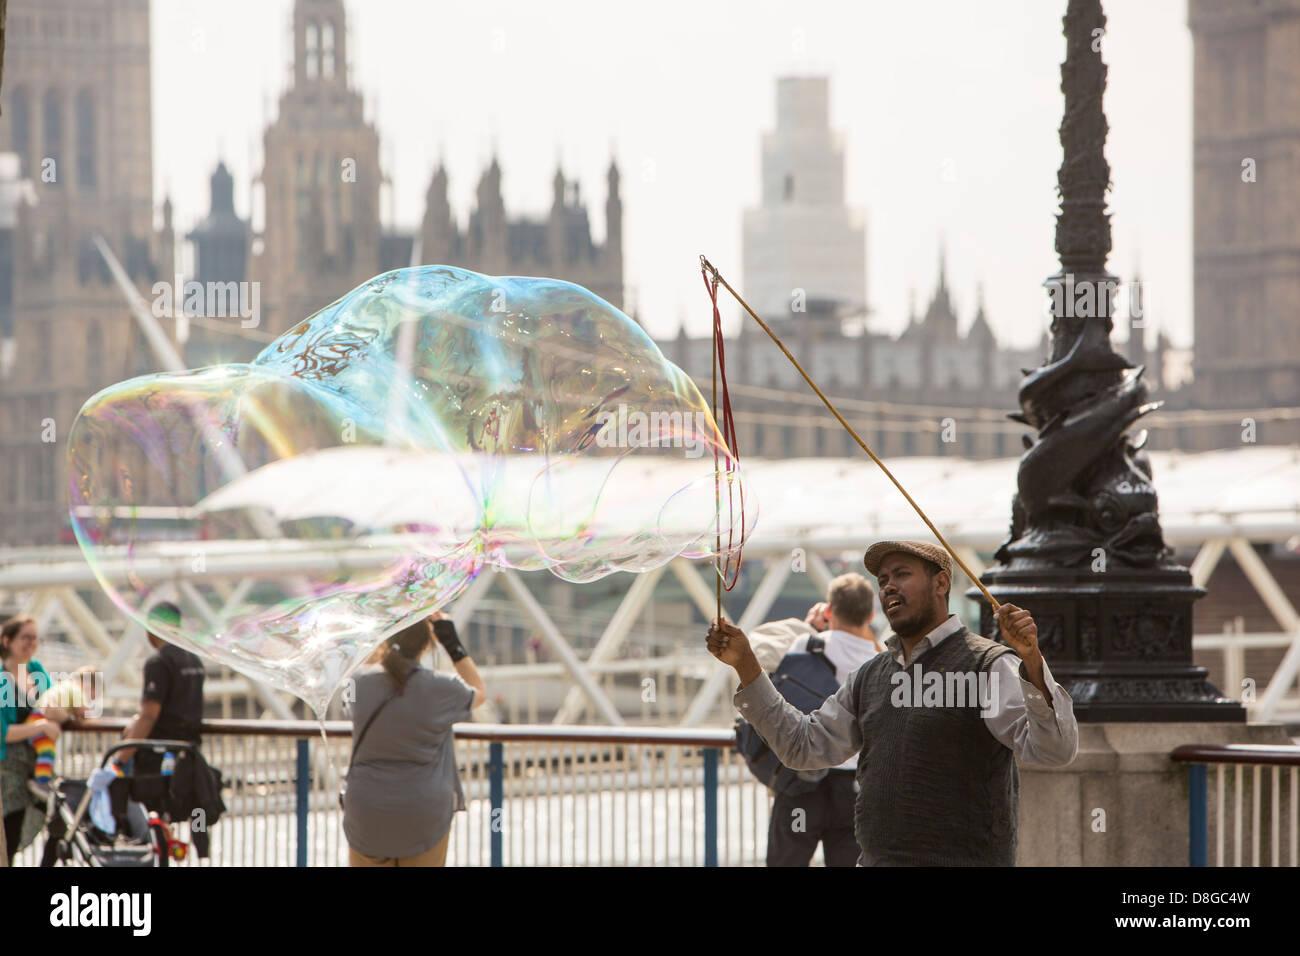 Los niños persiguiendo burbujas hechas por un artista de la calle en Londres del Banco del Sur. Imagen De Stock